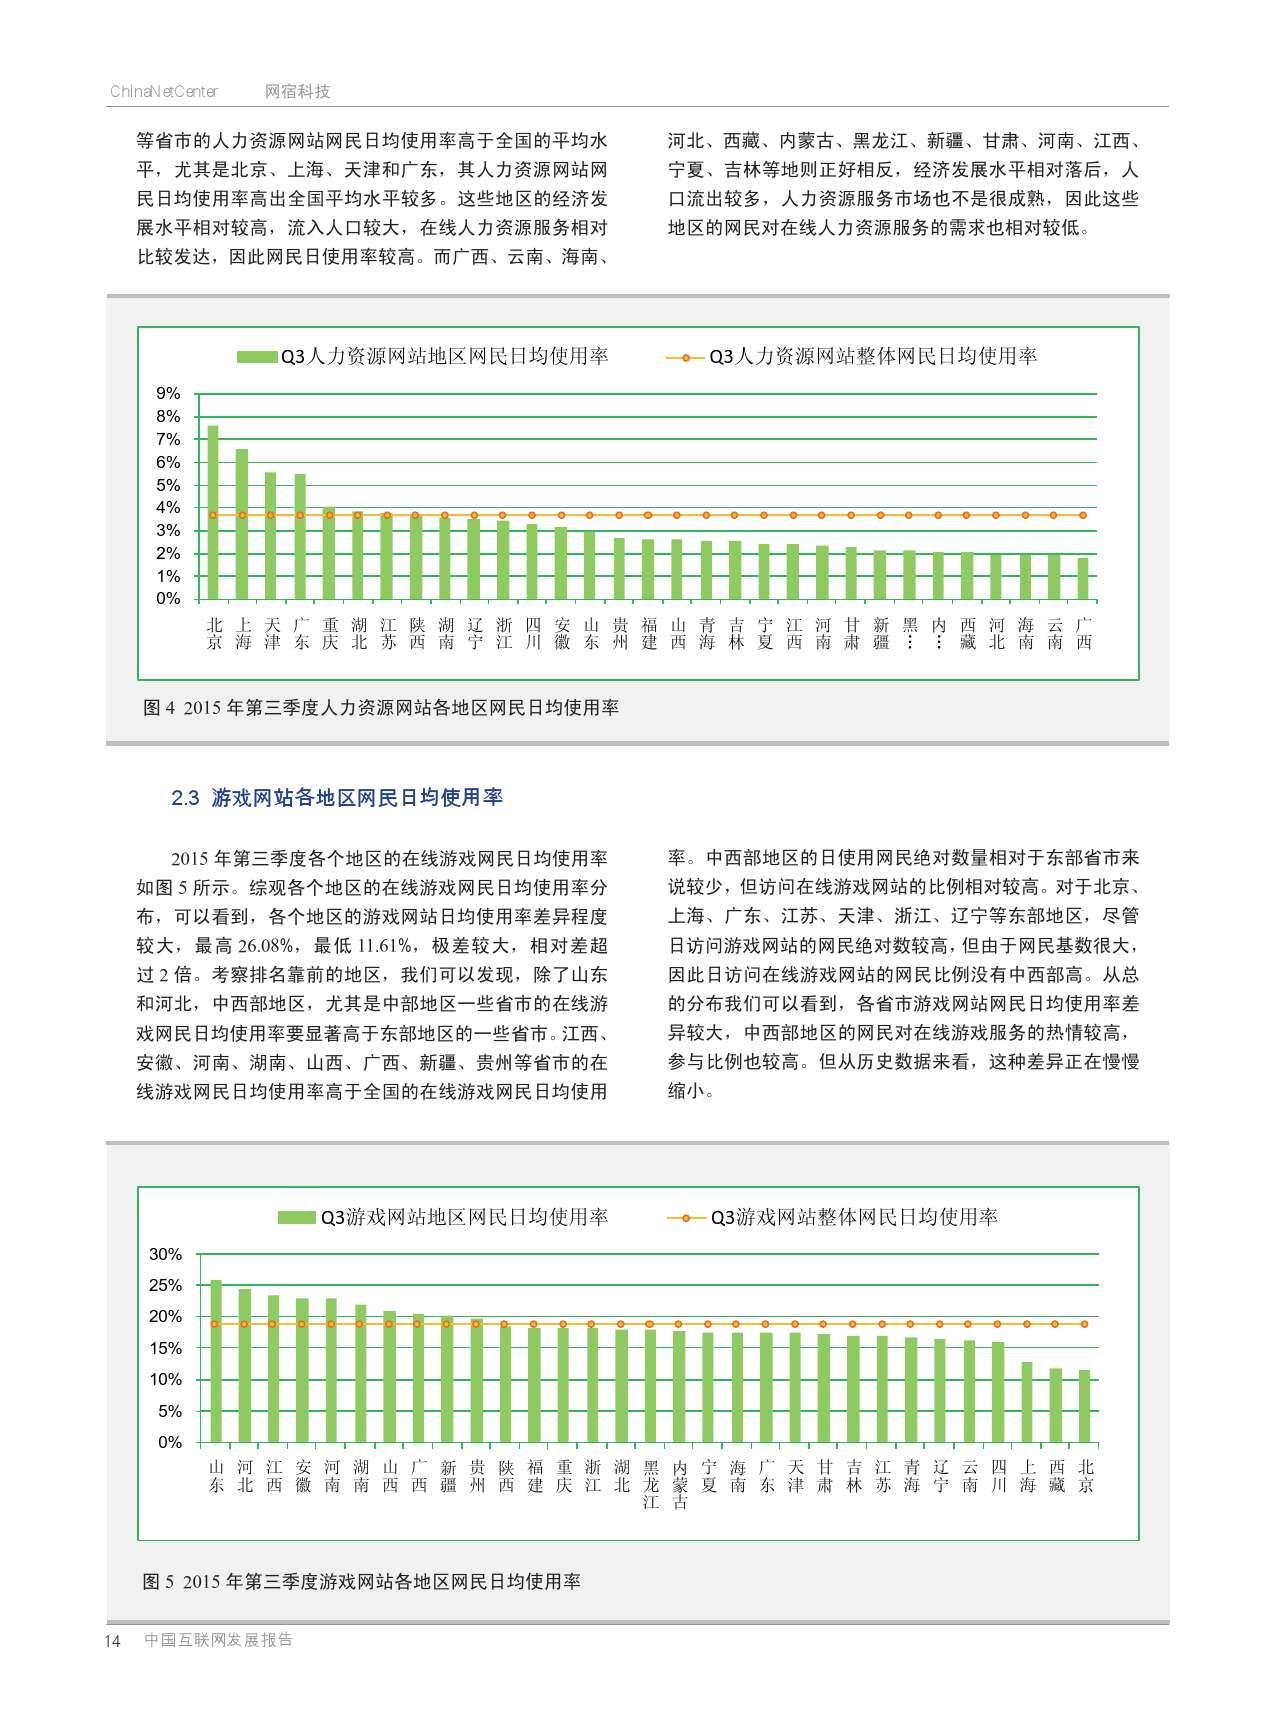 网宿:2015年Q3互联网报告_000013